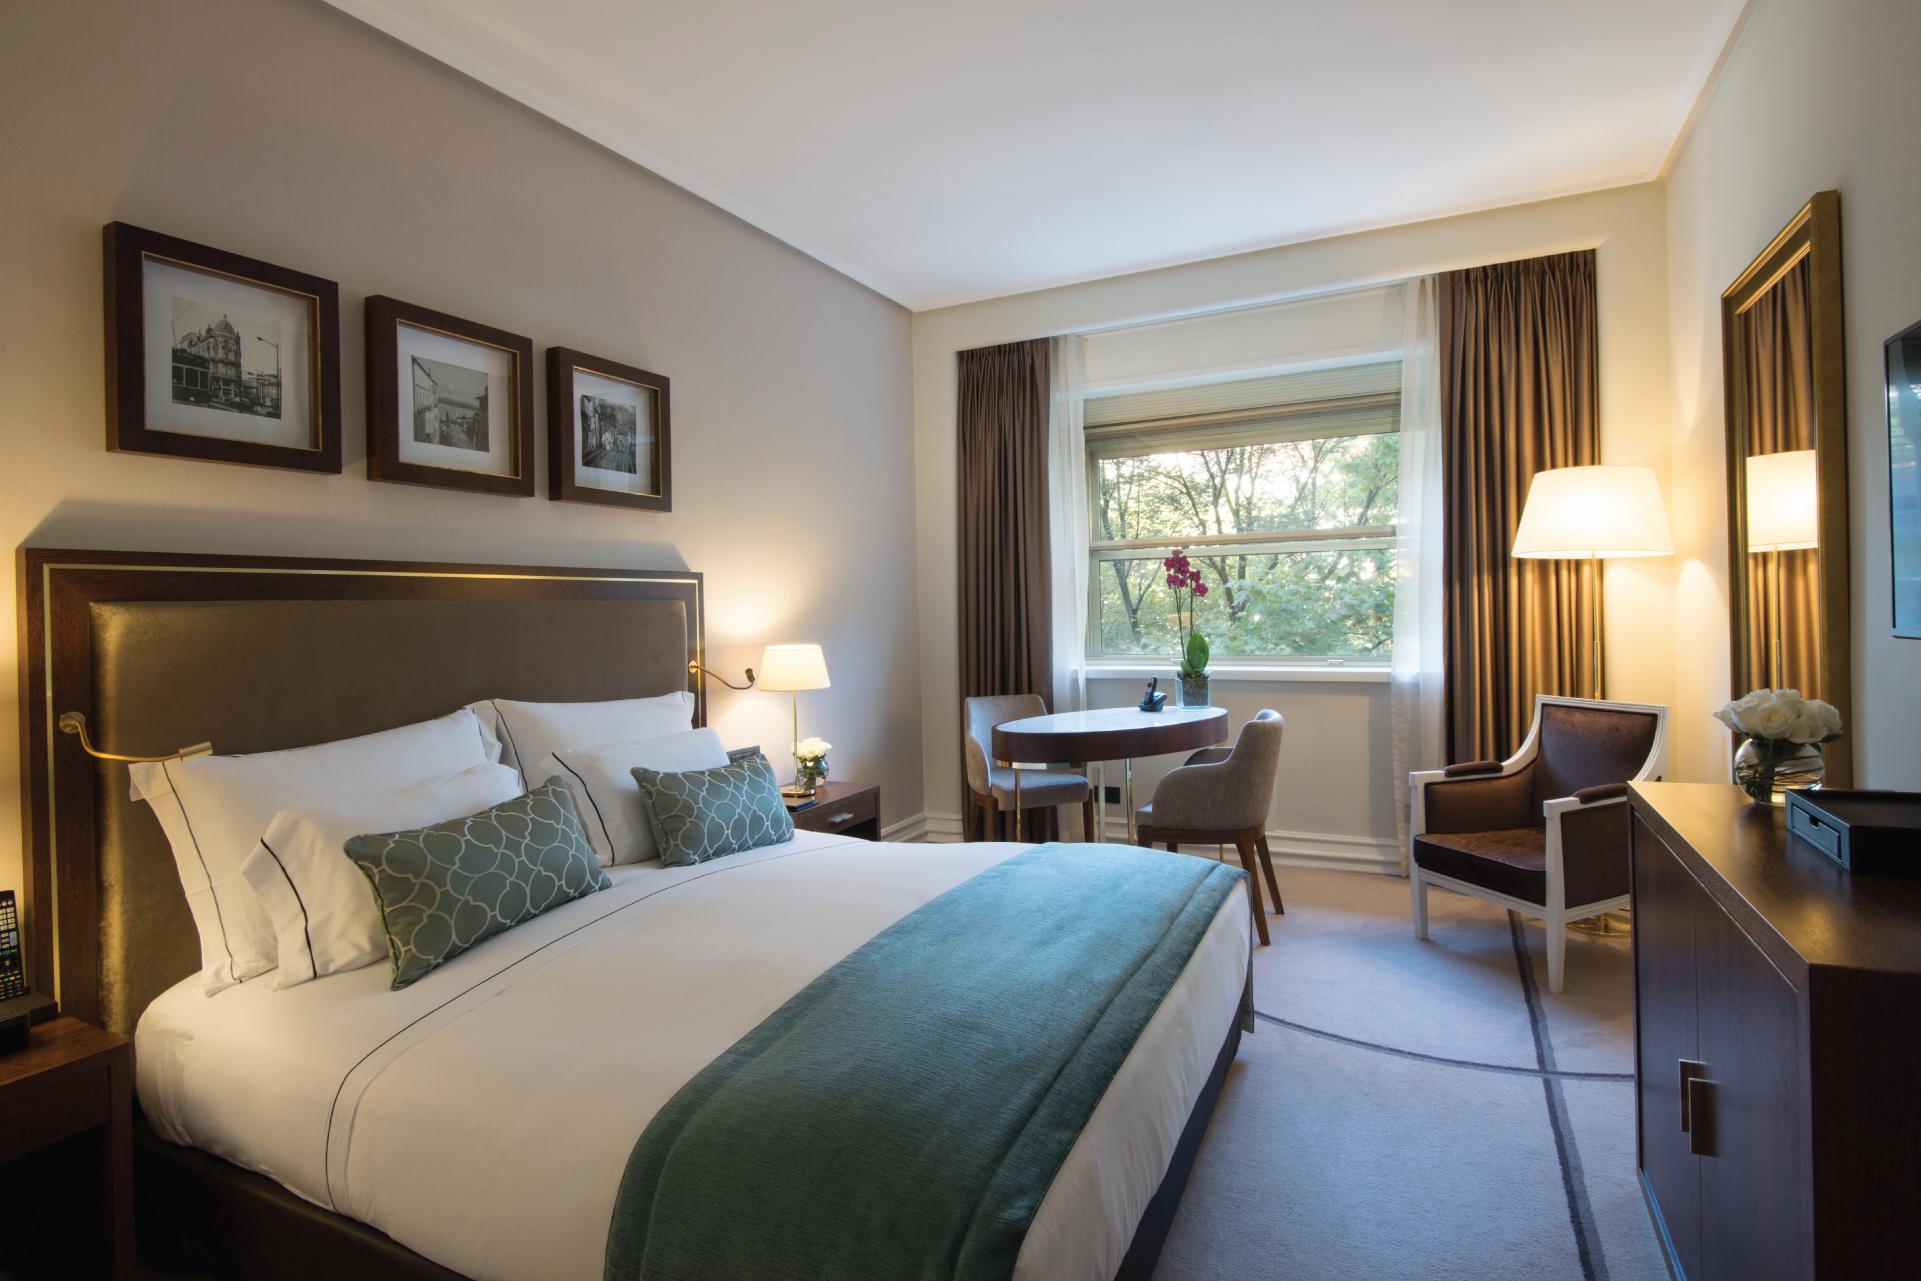 Le top 20 des meilleurs h tels de lisbonne for Top 20 hotels